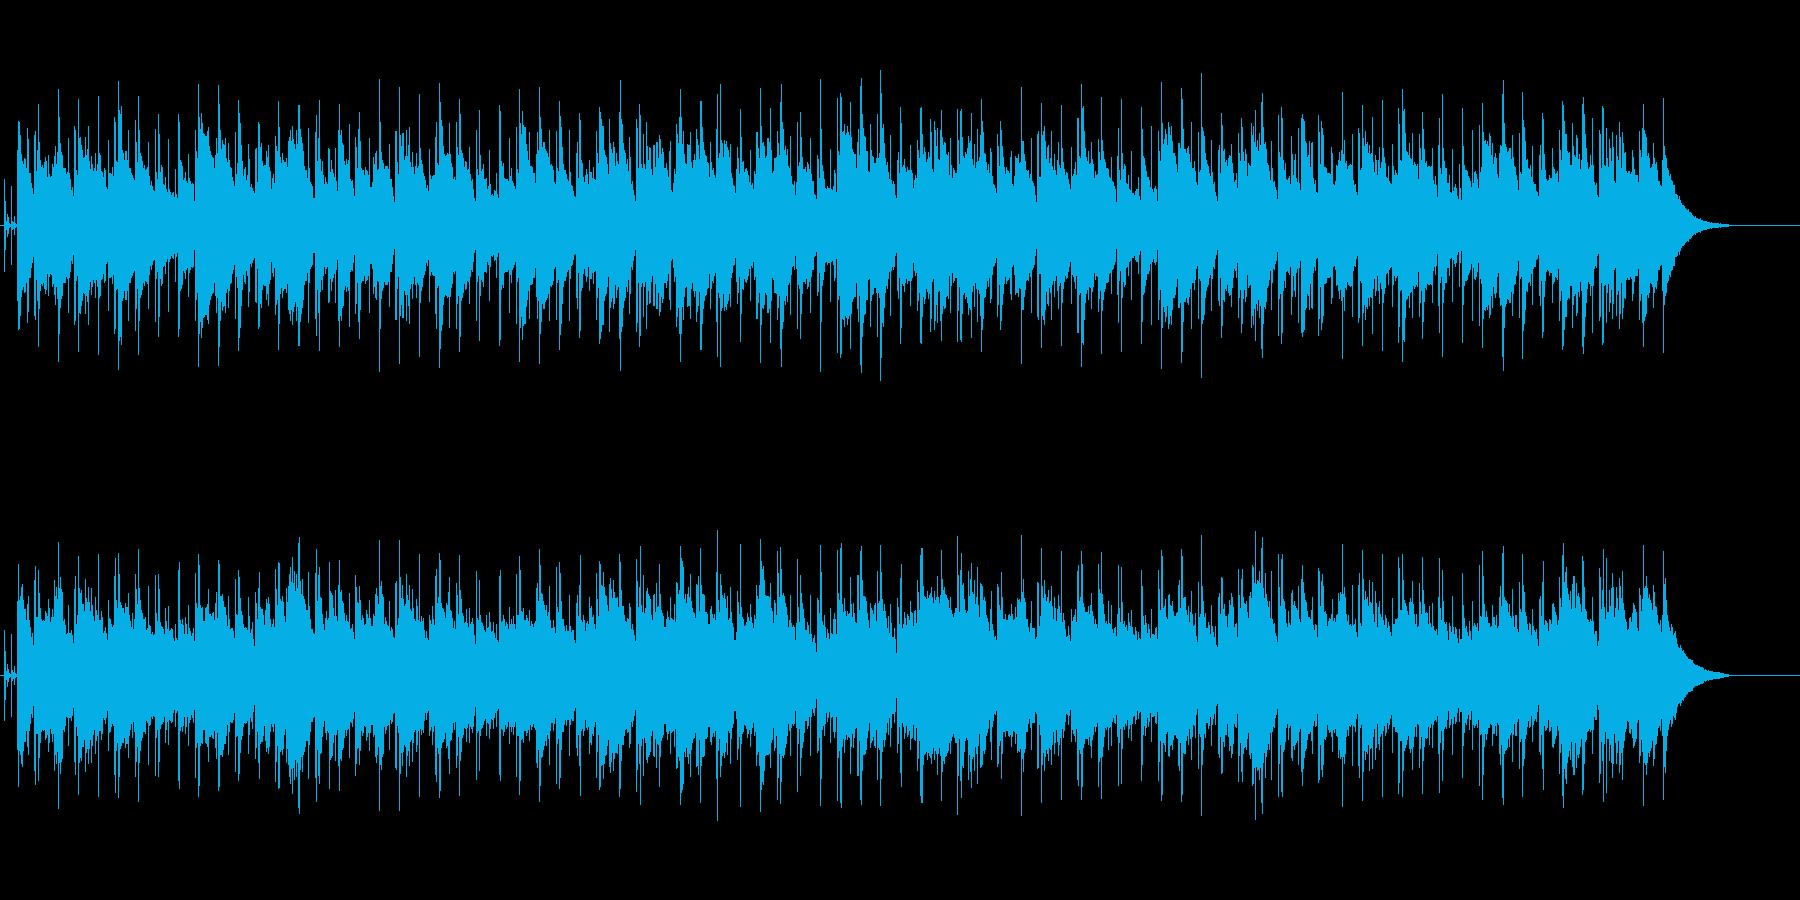 陶酔感を秘めた郷愁のポップ・バラードの再生済みの波形